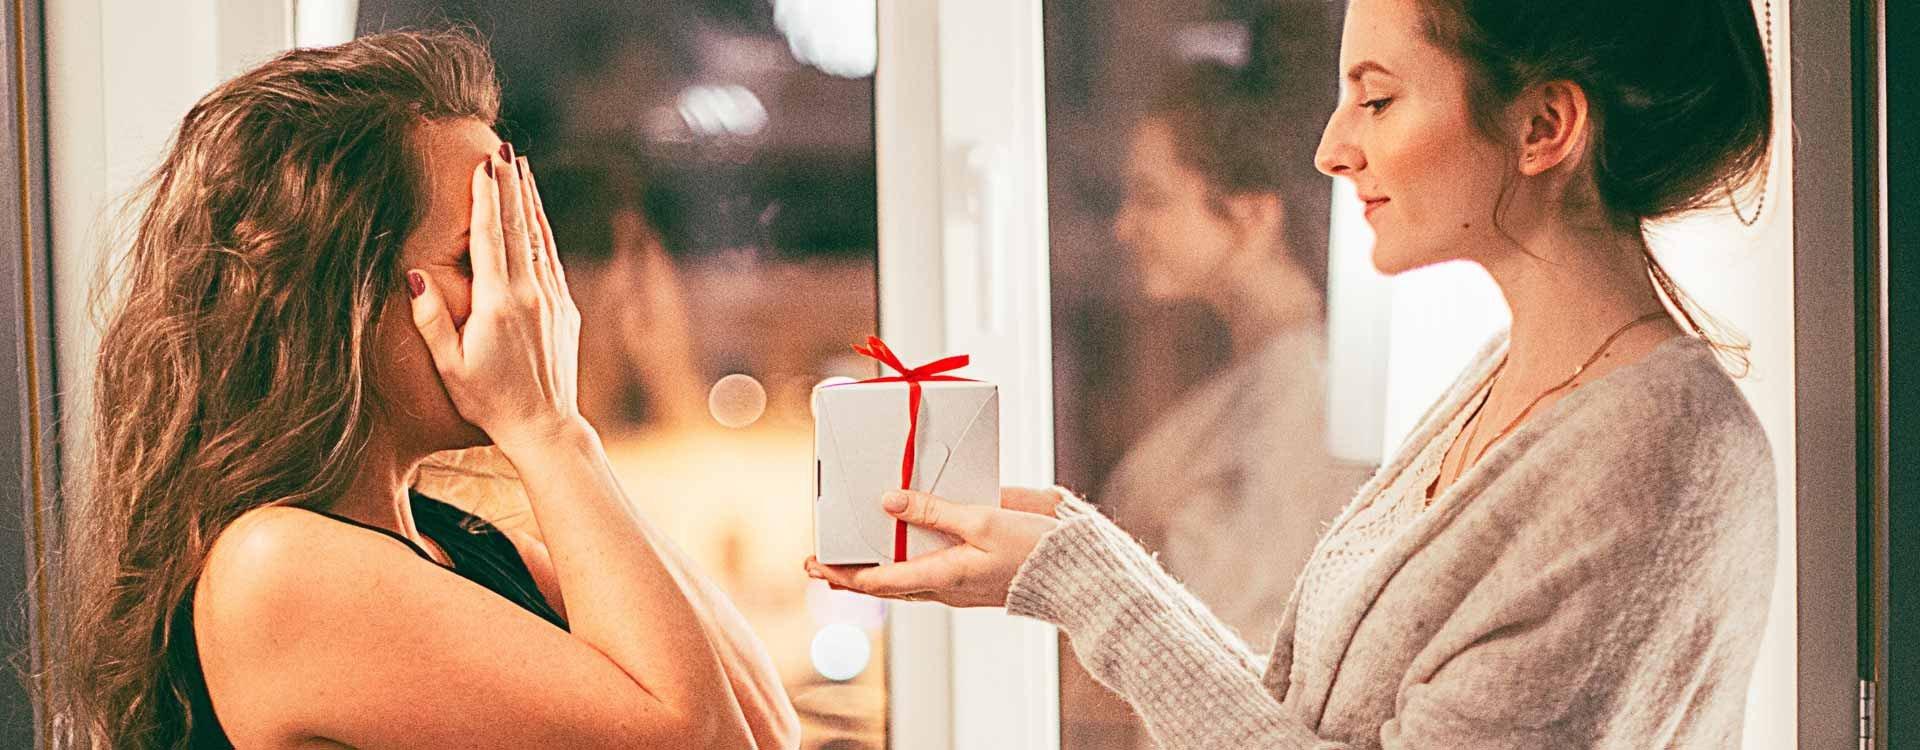 Ukochana, koleżanka czy siostra – sprawdź, jaki prezent dla bliskiej dziewczyny wybrać!